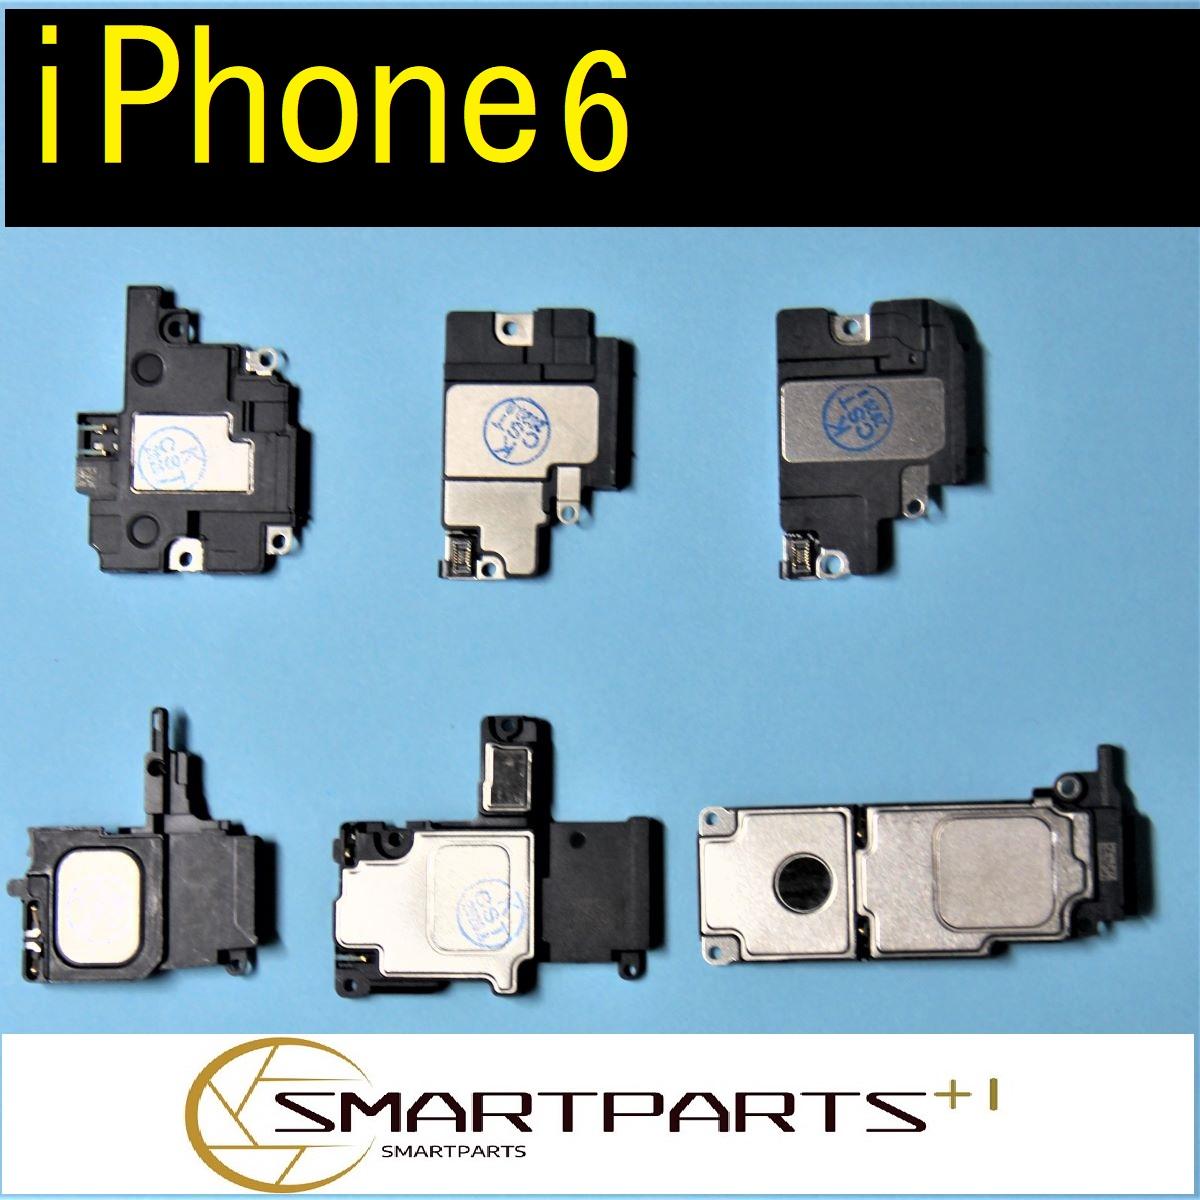 ブランド買うならブランドオフ iPhone6ラウドスピーカー 修理工具セット付き 最新 下部スピーカー 修理交換パーツ DIY修理 リペア部品 アイフォン